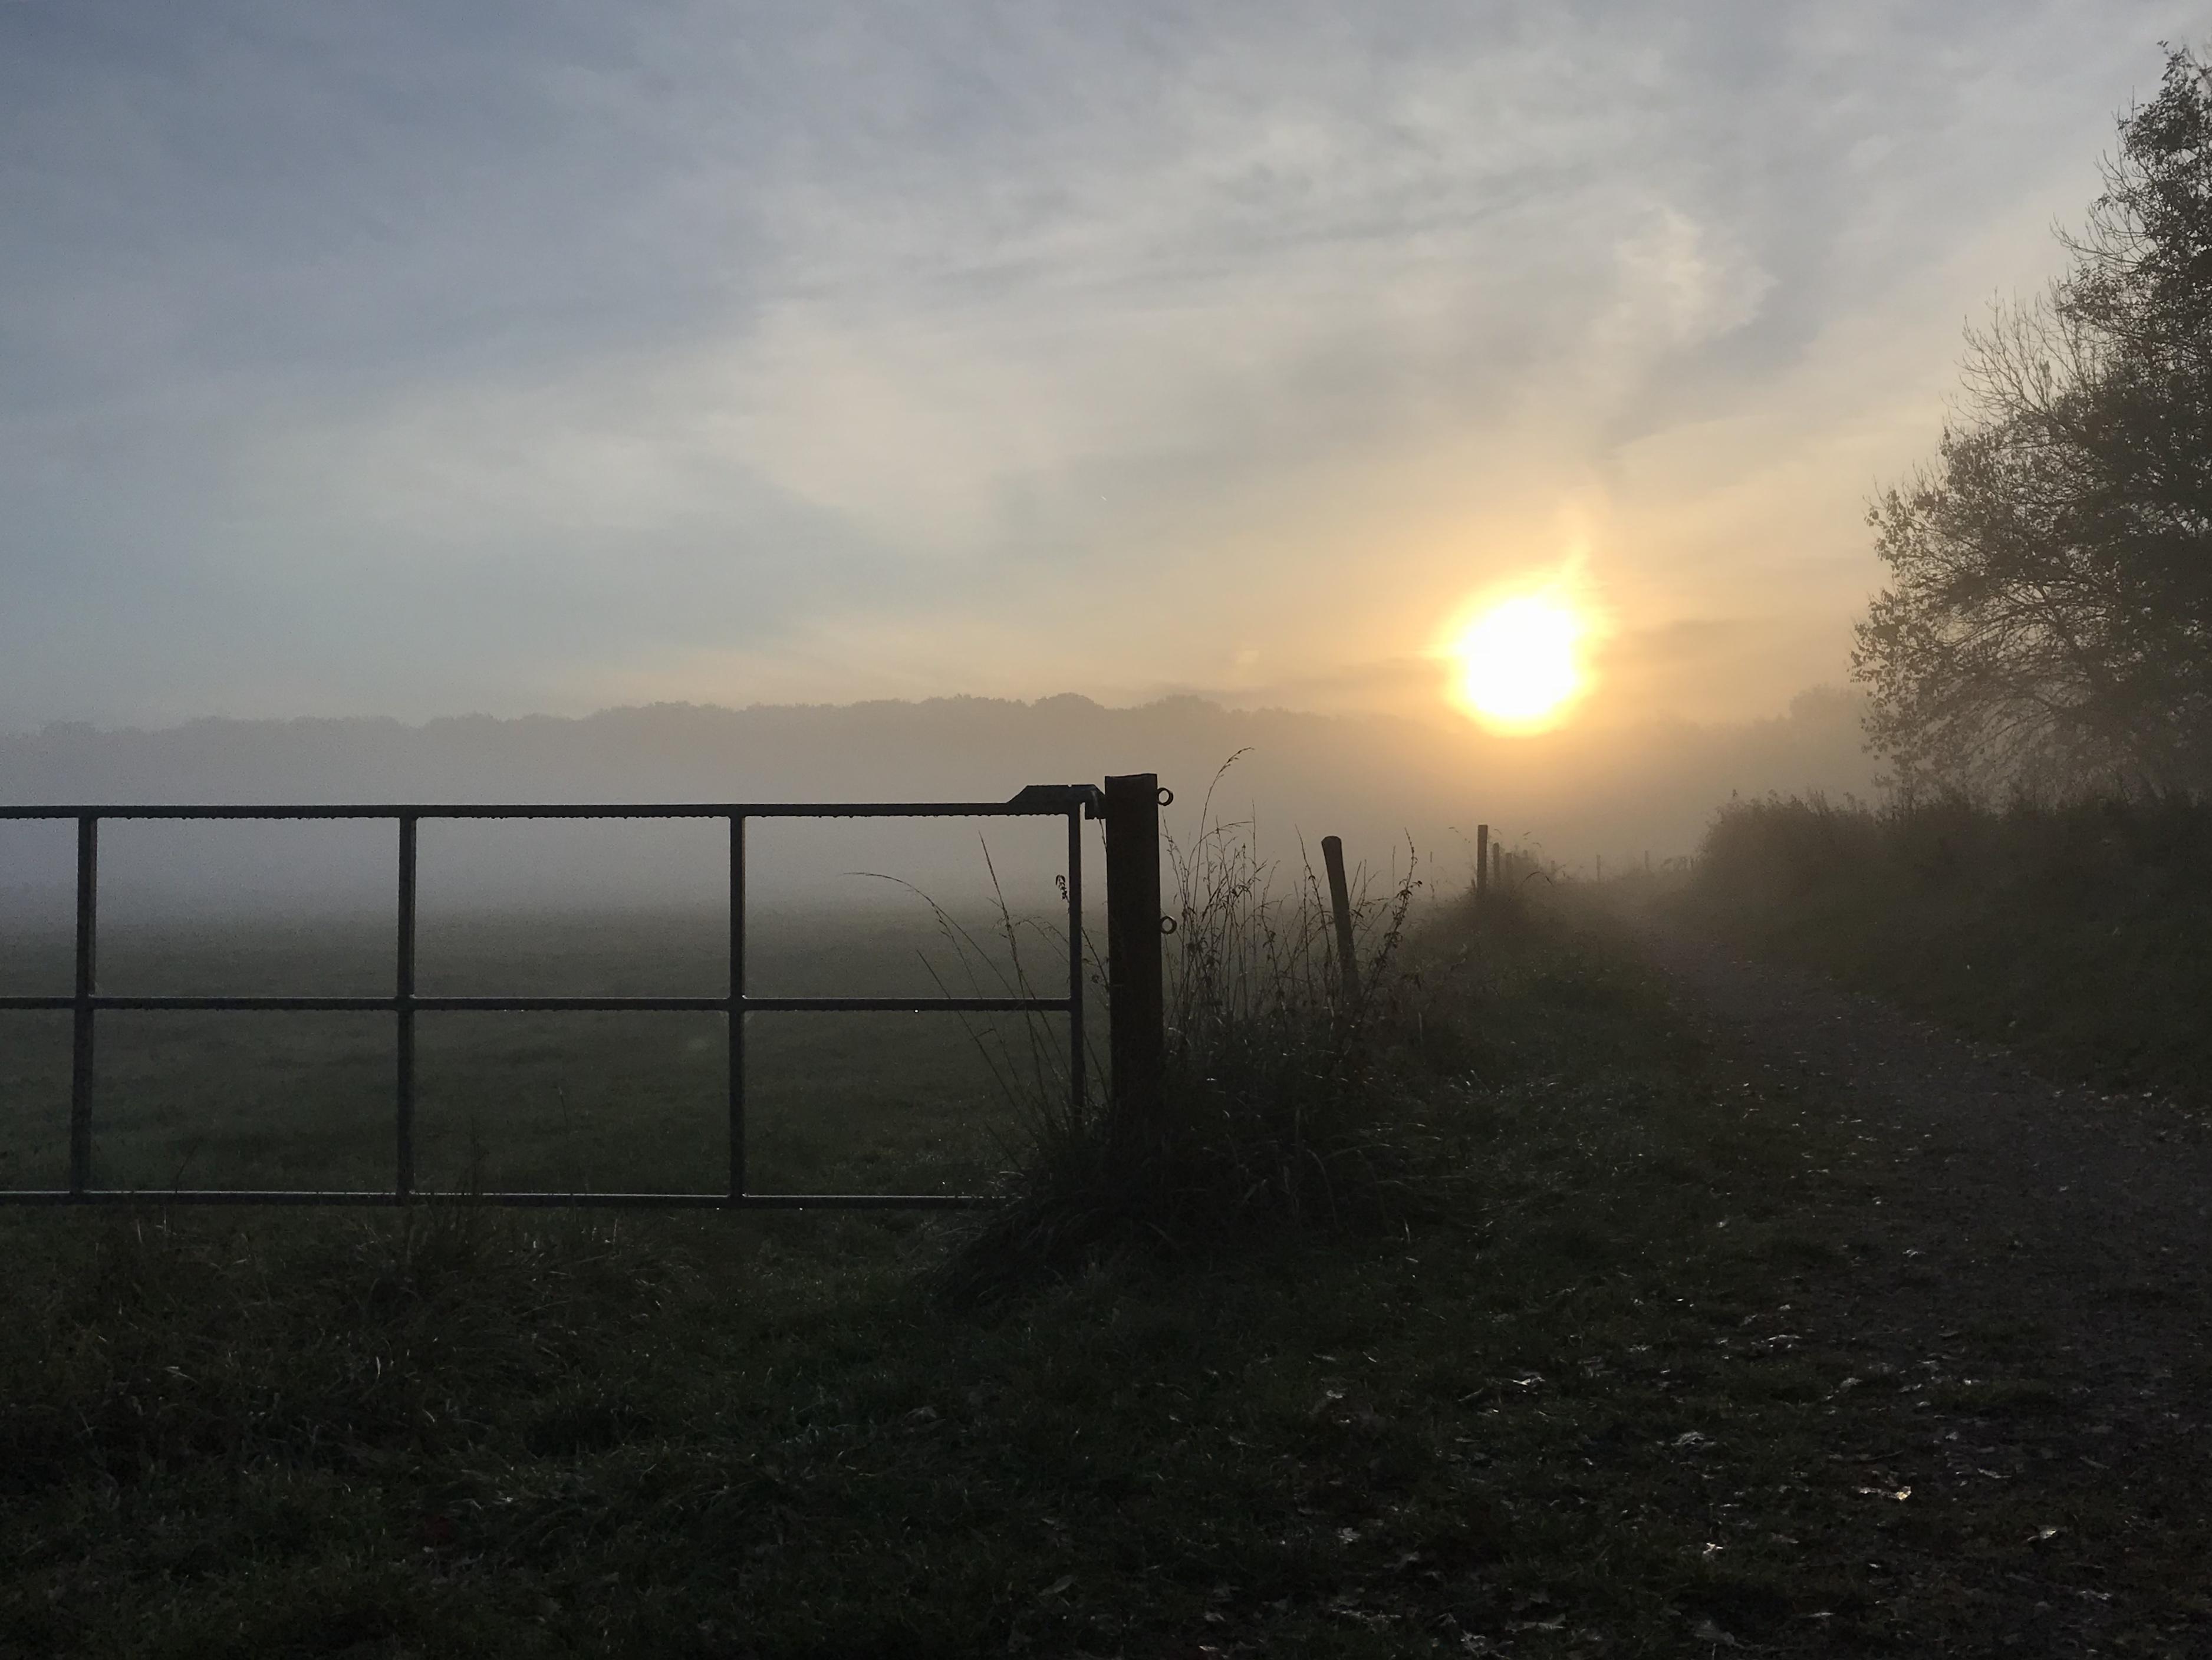 Sonnenaufgang beim Rundweg um den Borner See im Naturpark Schwalm-Nette